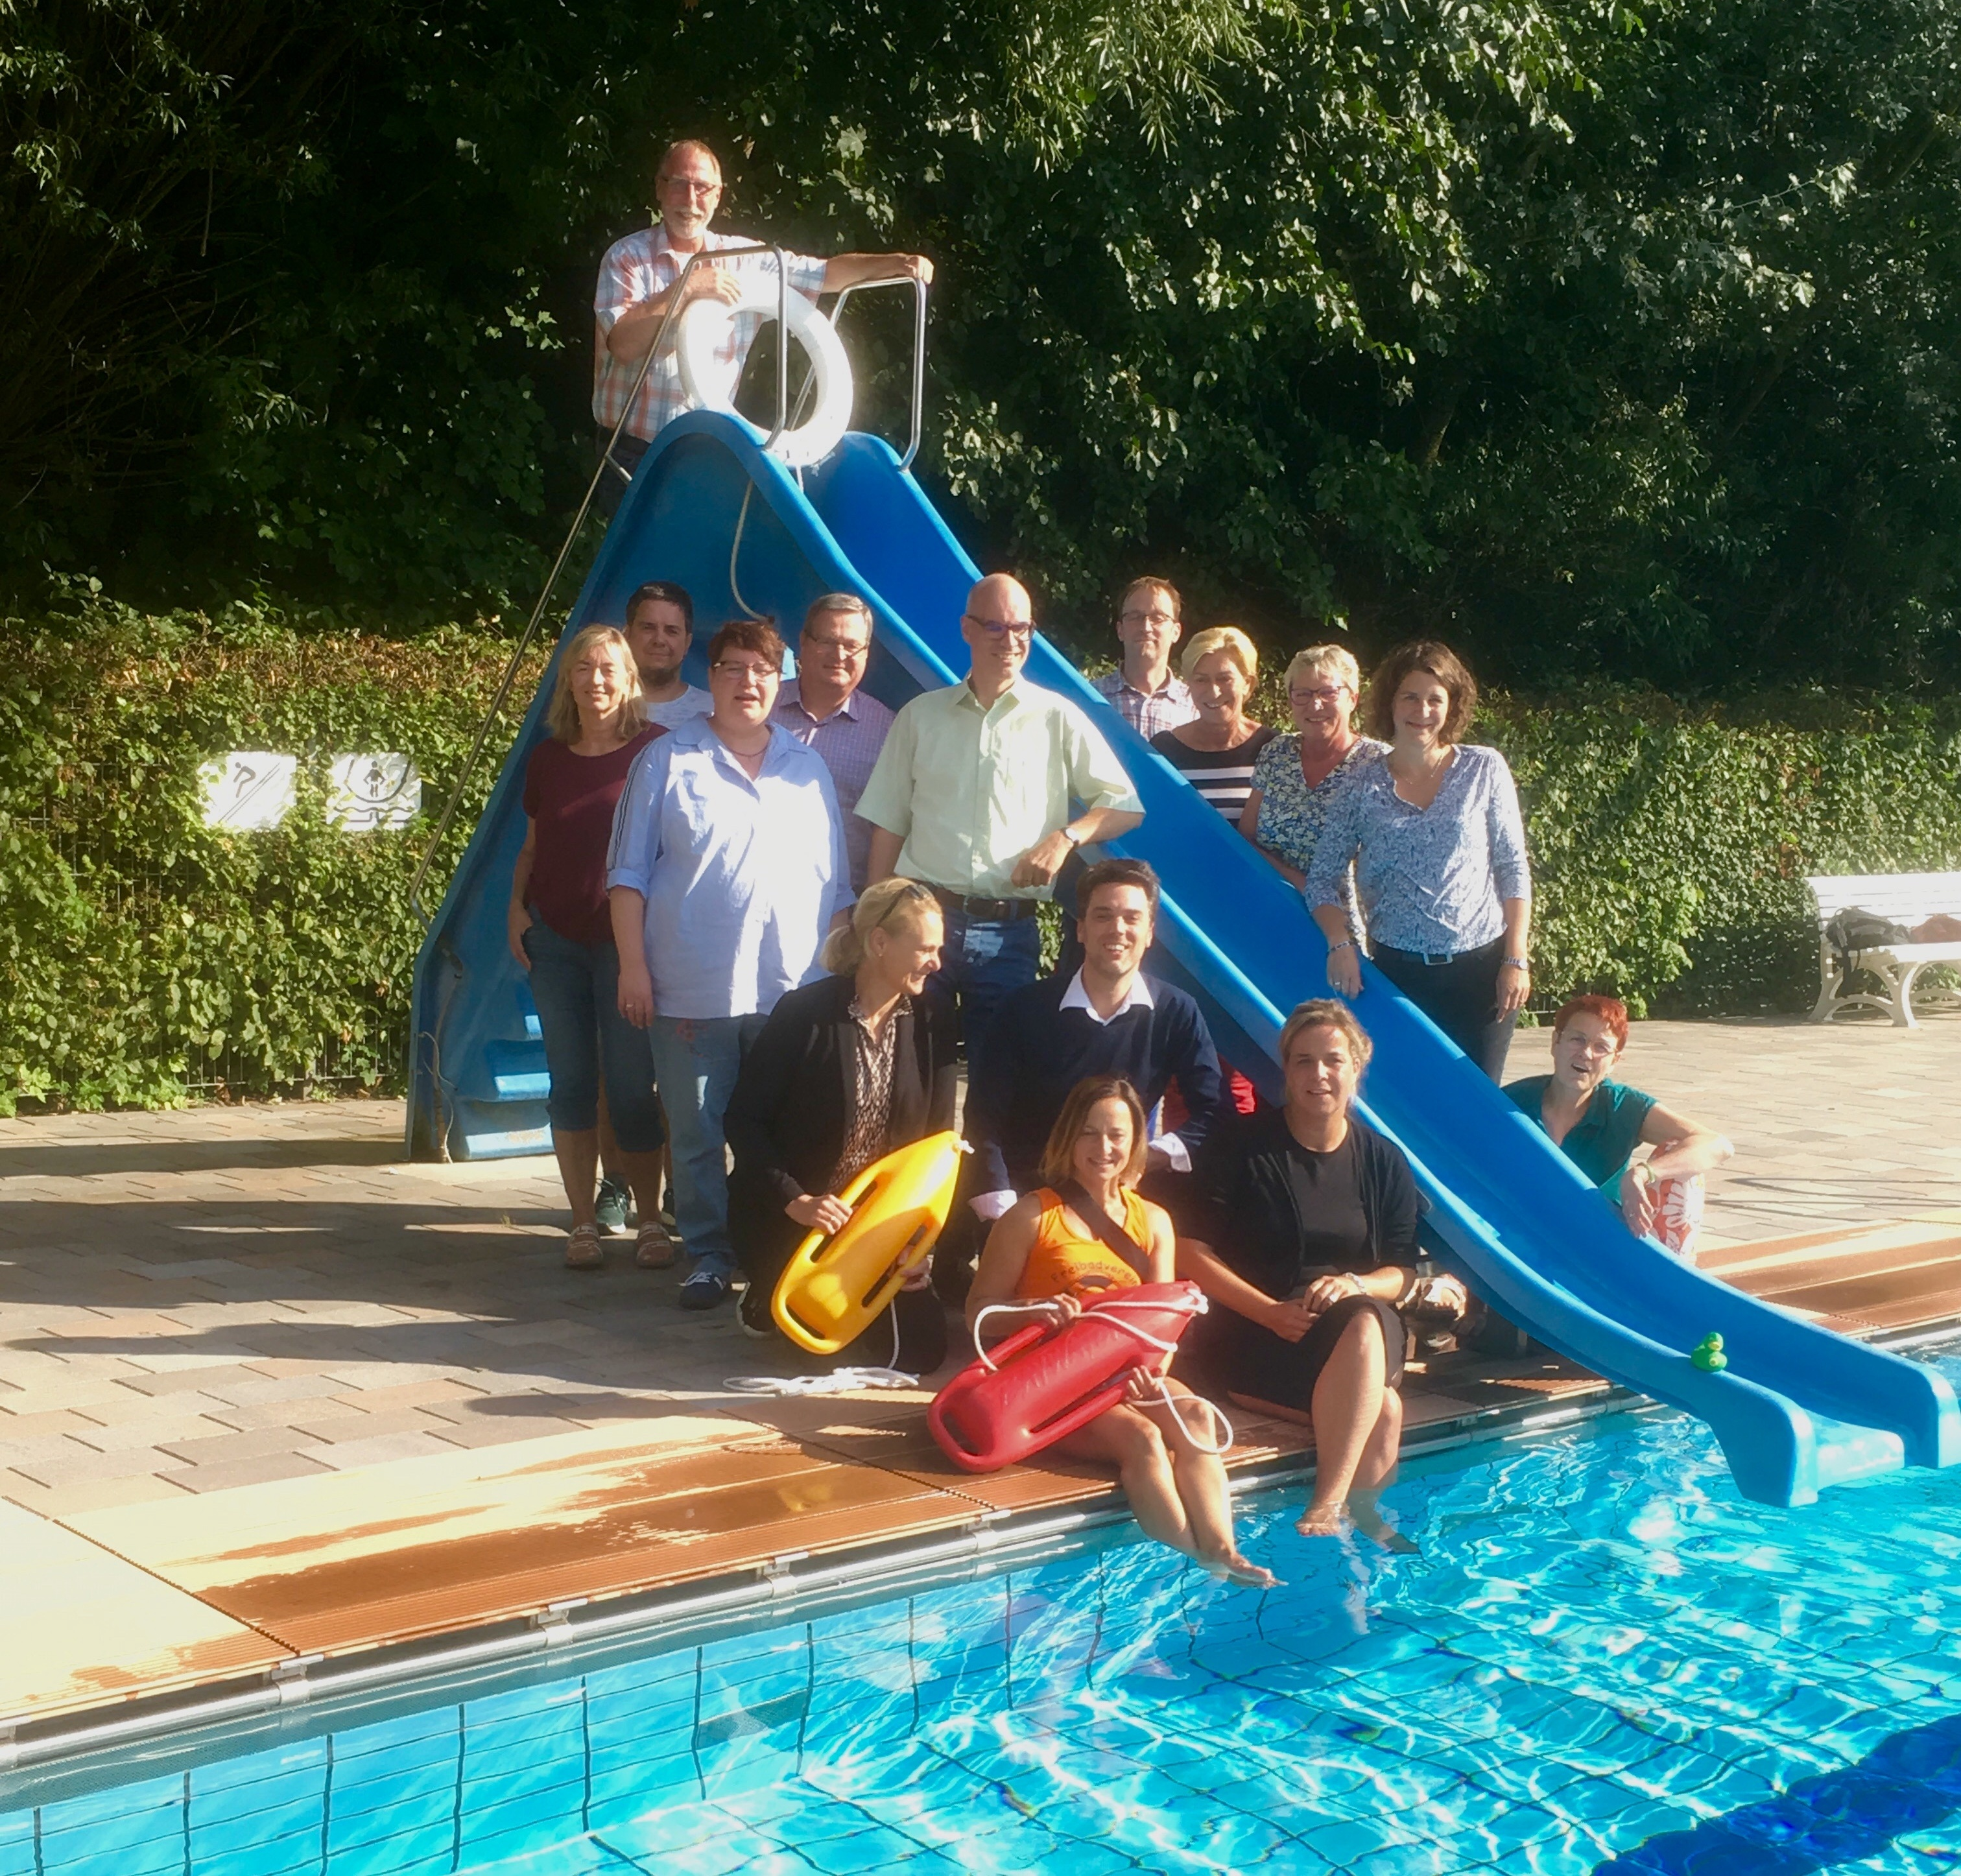 #Schwimmbadtour – Landesvorsitzende Mona Neubaur ist vom Freibad Kirchheide begeistert